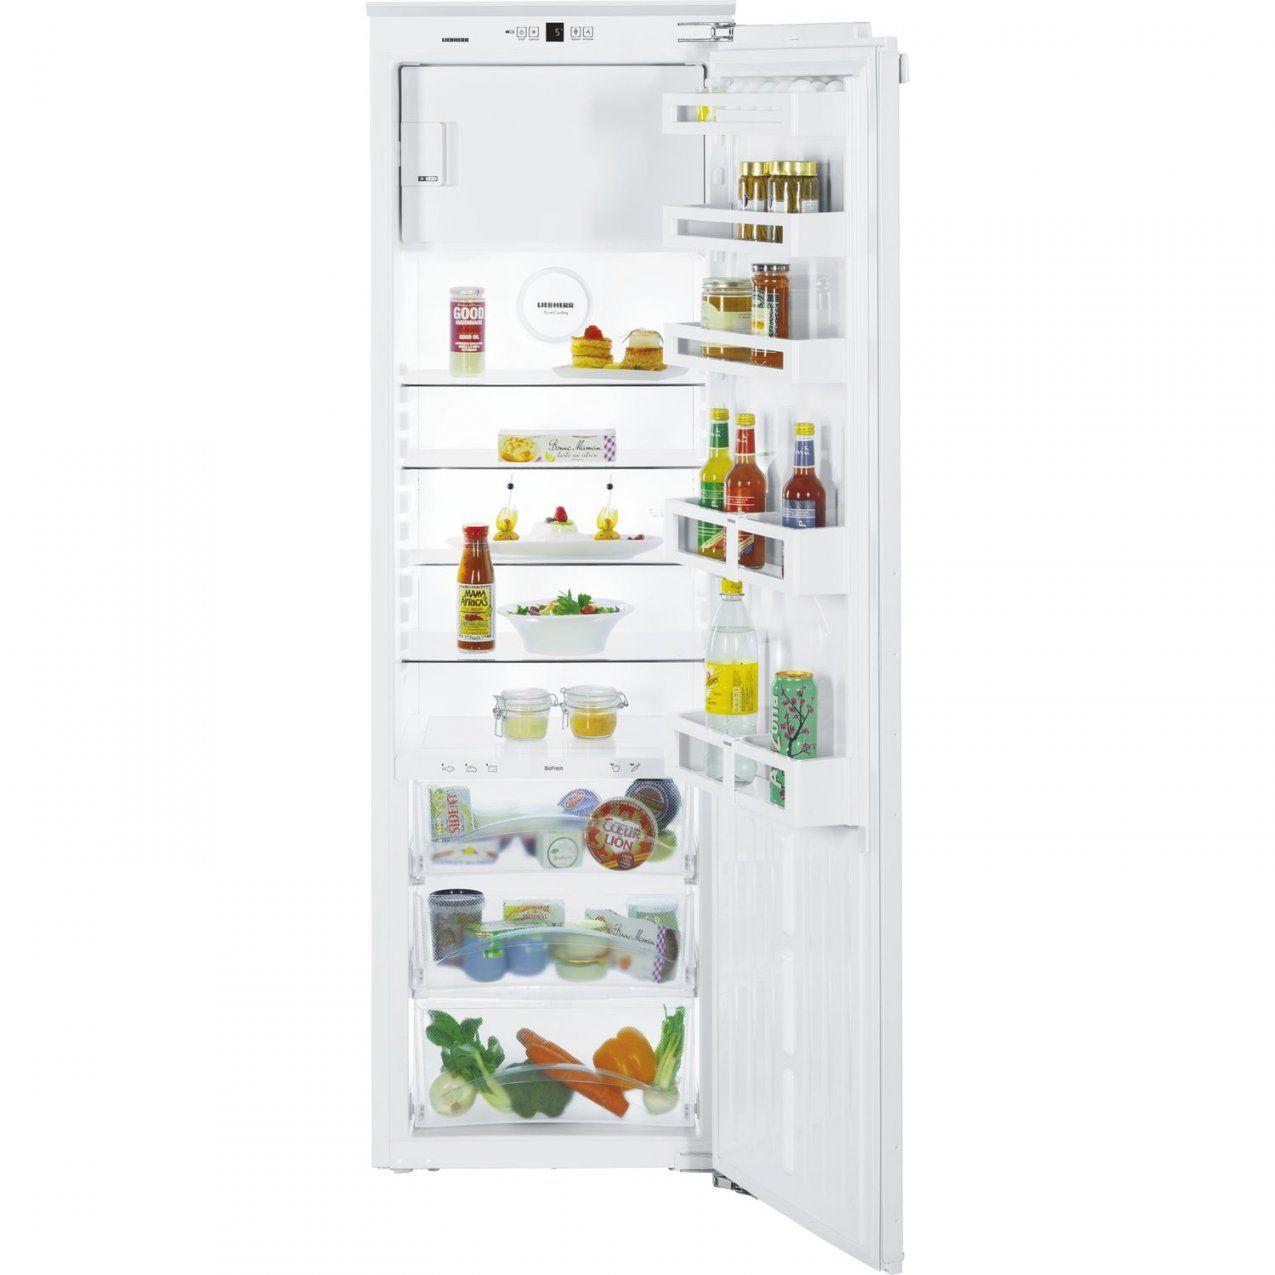 Liebherr Einbaukühlschrank Ikb 3524 Mit Gefrierfach Nischenhöhe 178 Cm von Einbaukühlschrank Ohne Gefrierfach 178 Cm Photo